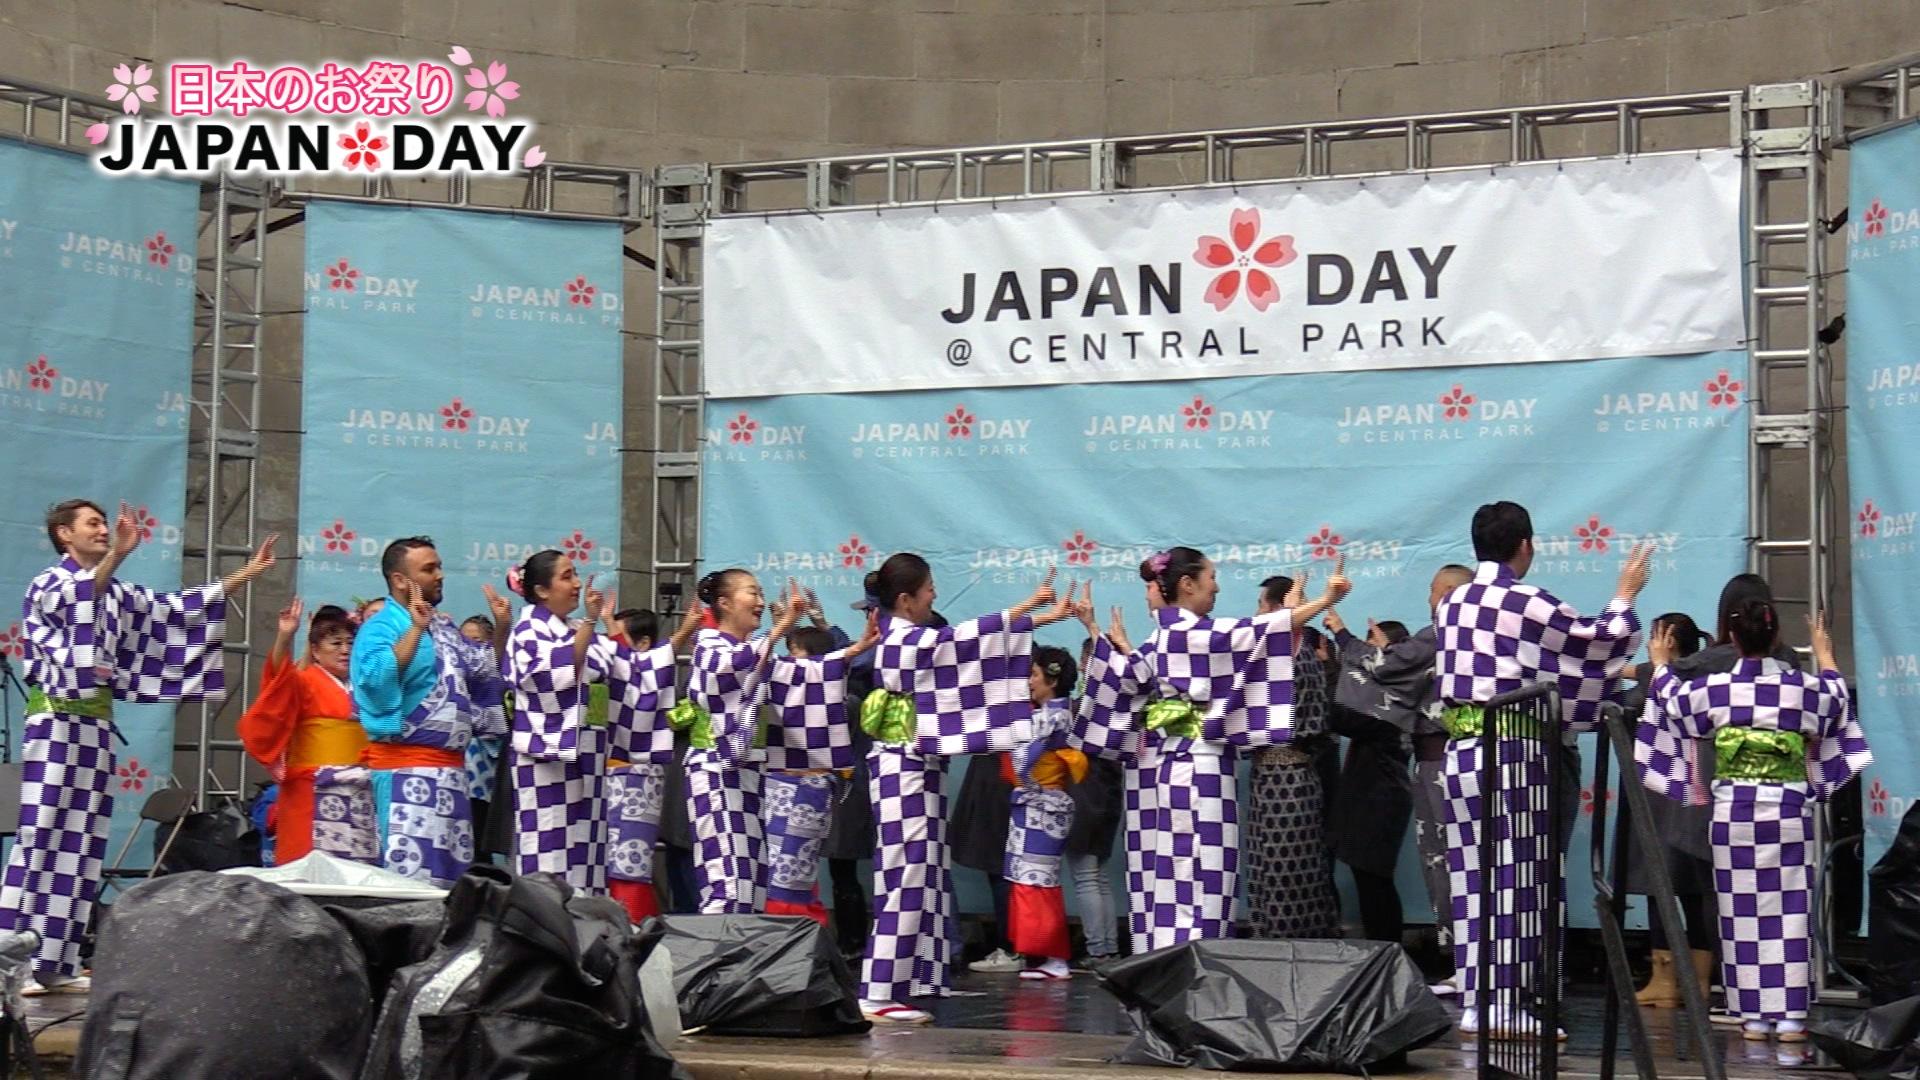 Image: ニューヨークで行われた日本のお祭り JAPAN DAY